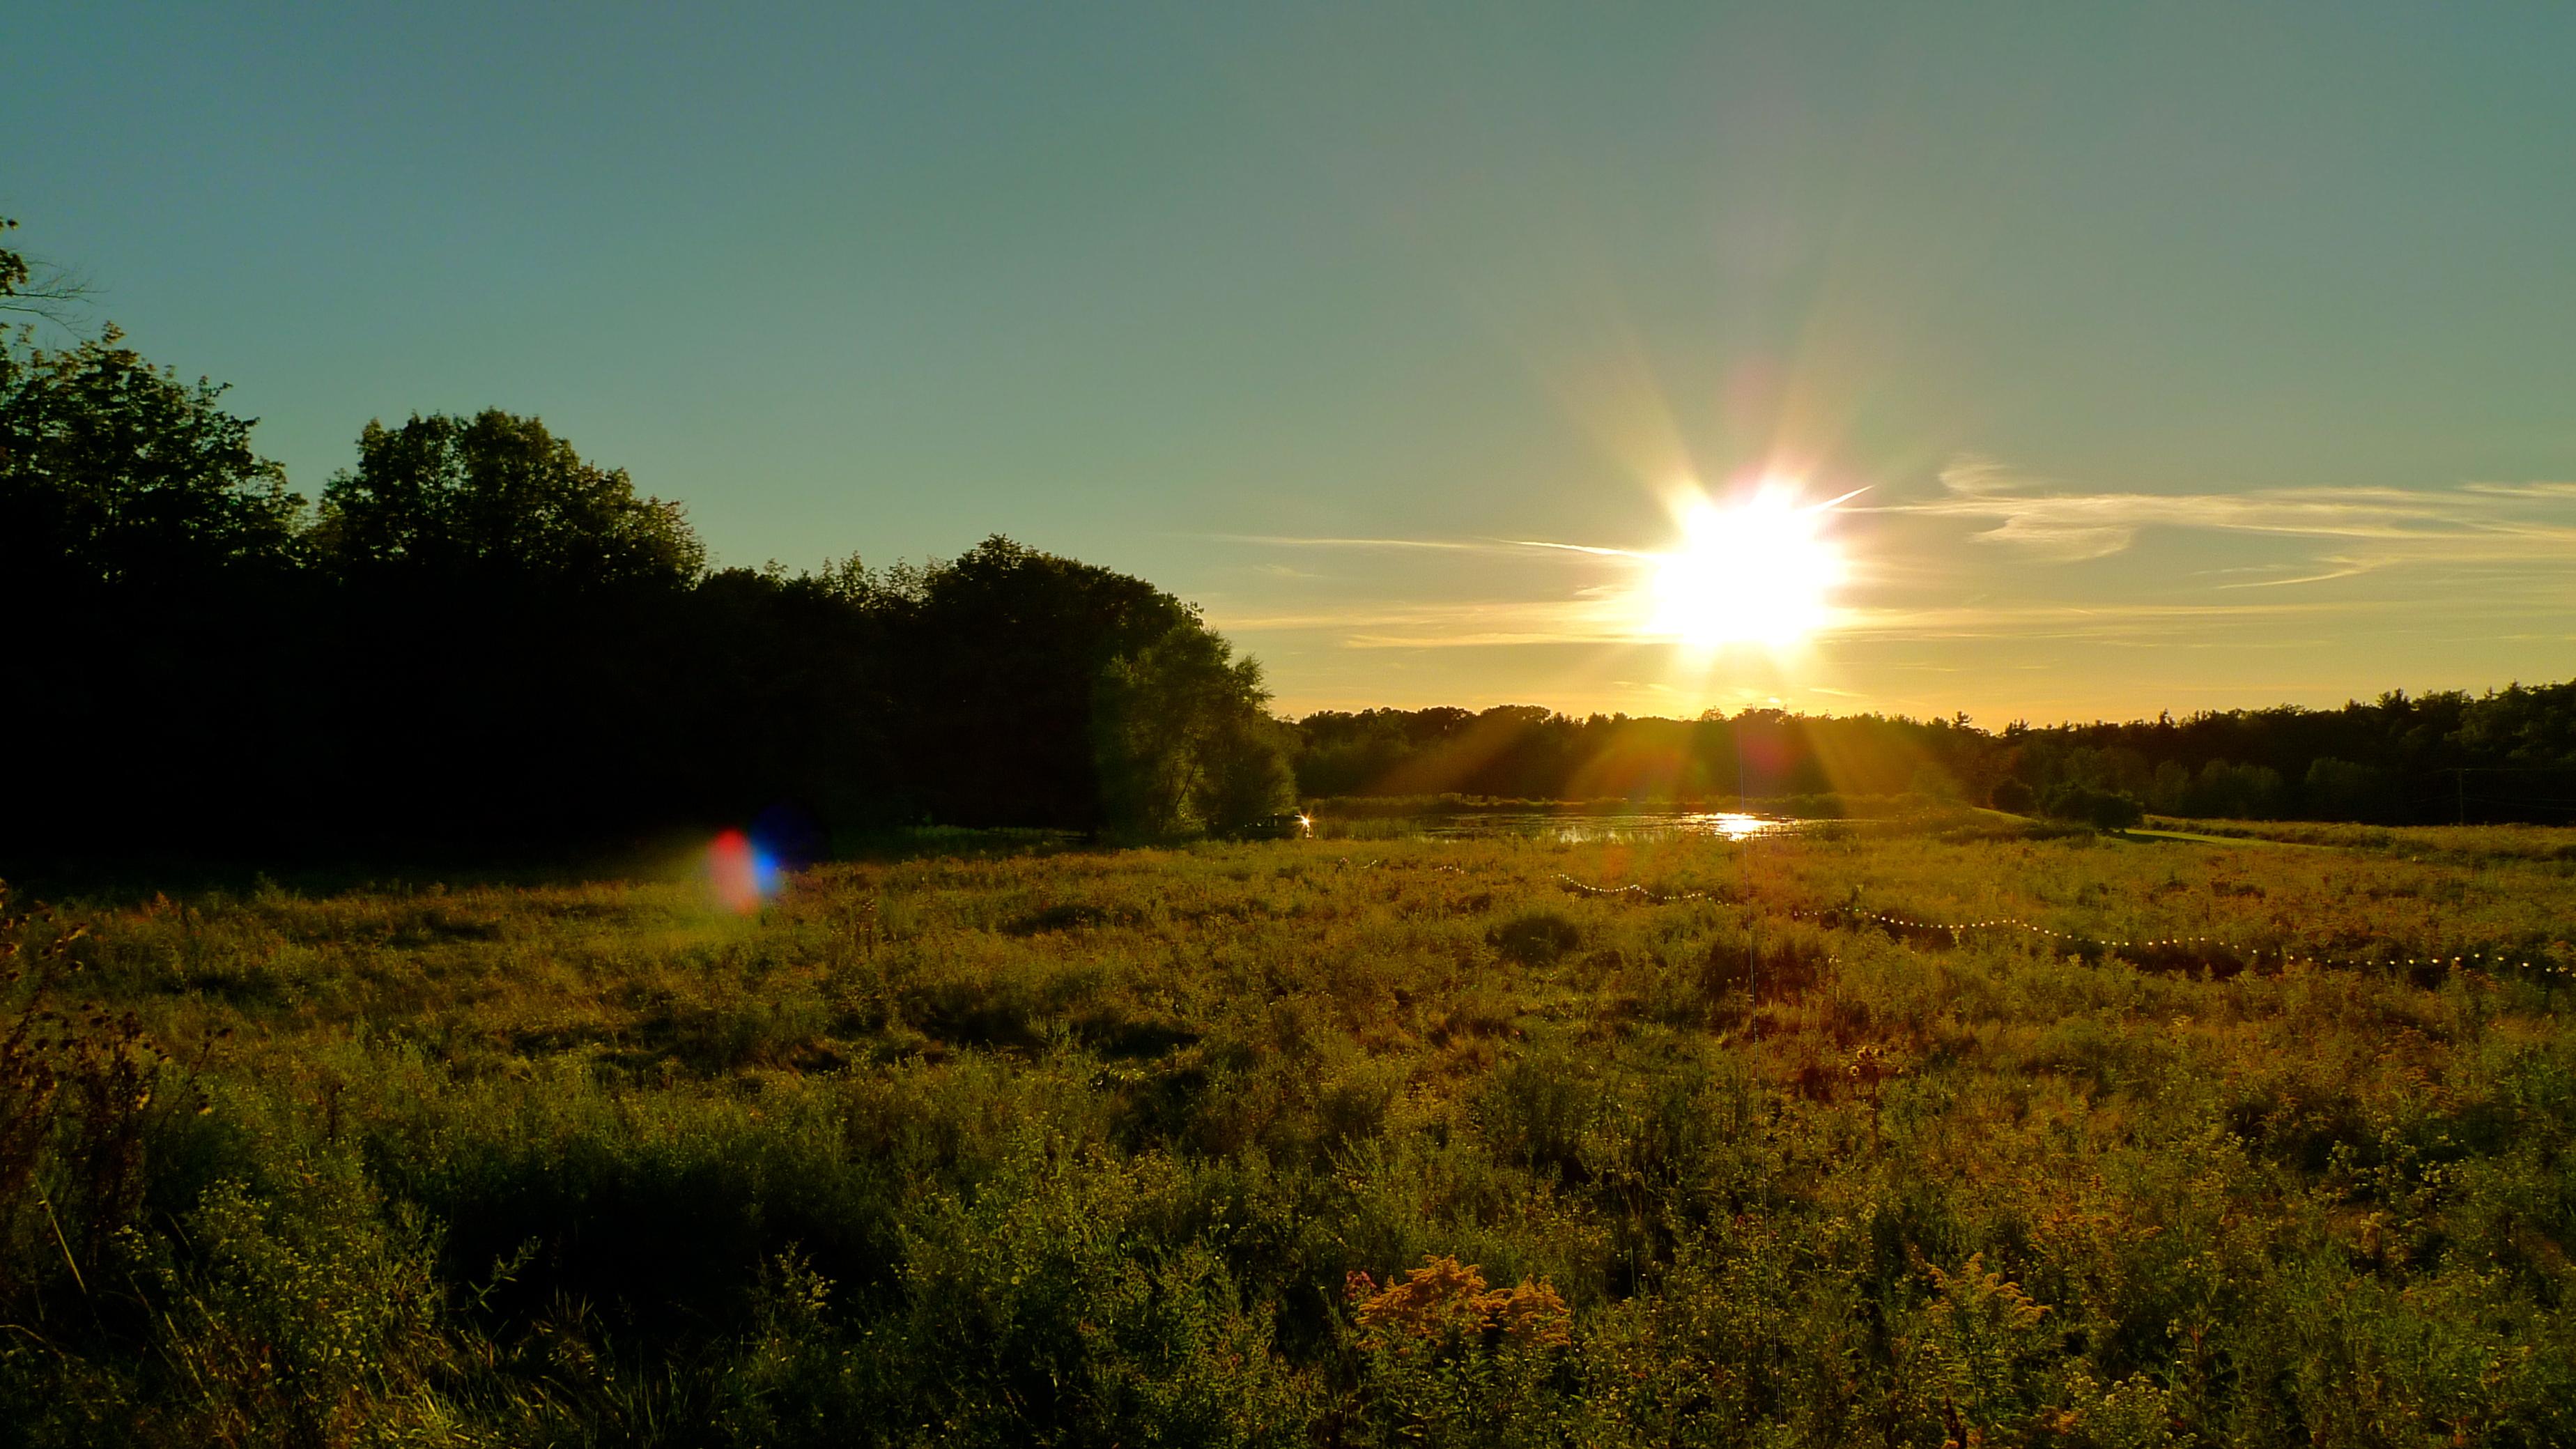 Field & Pond